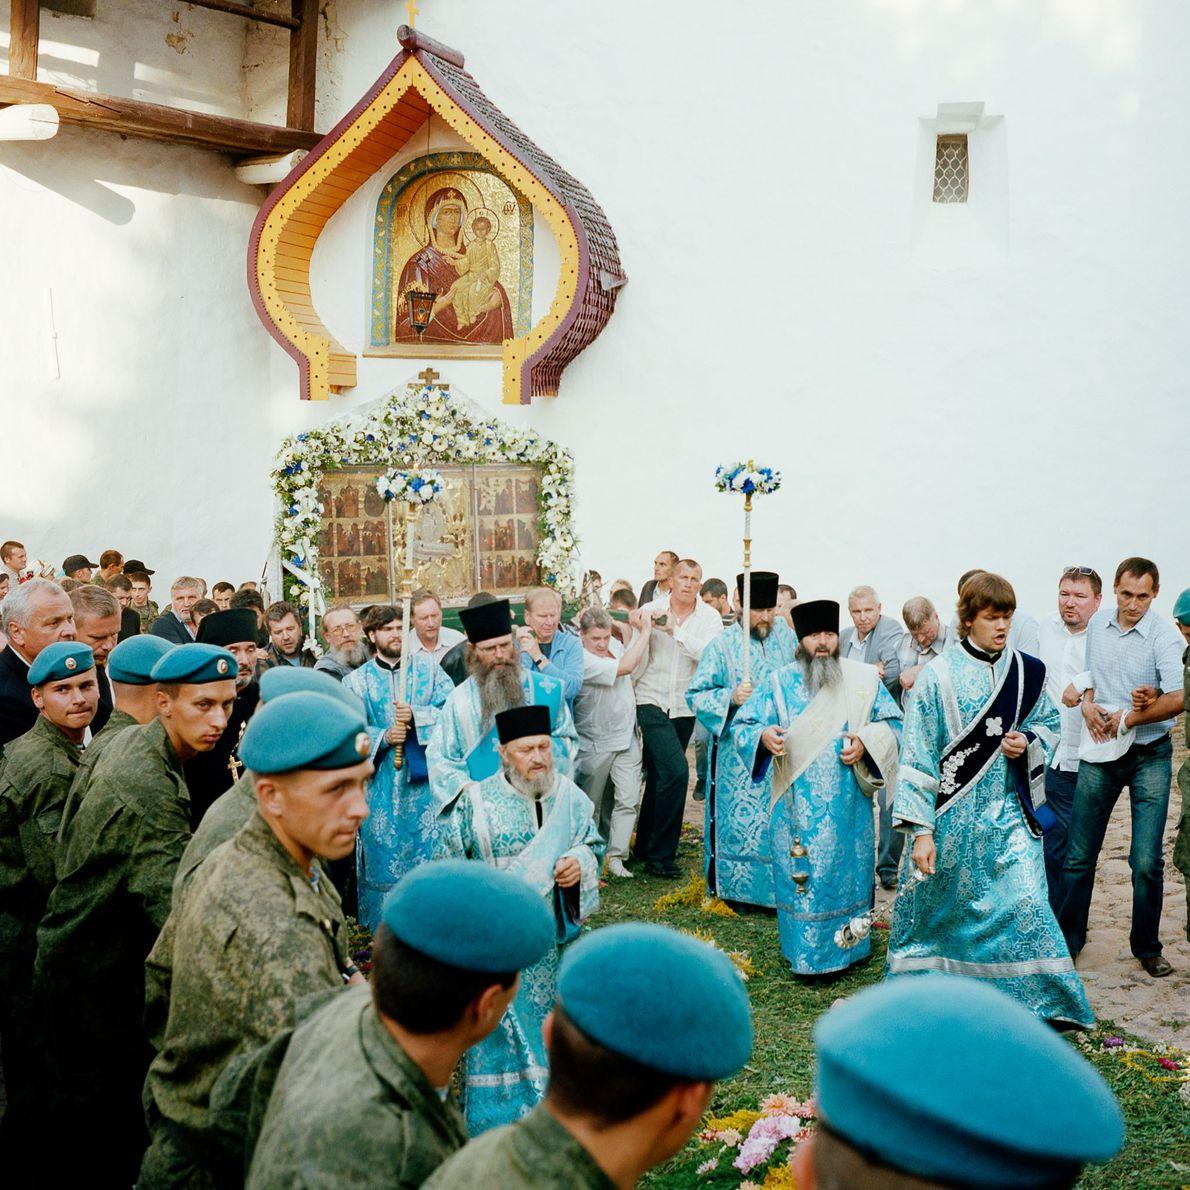 Transportan un icono alrededor del monasterio de Pechory el día de la Dormición de la Madre …